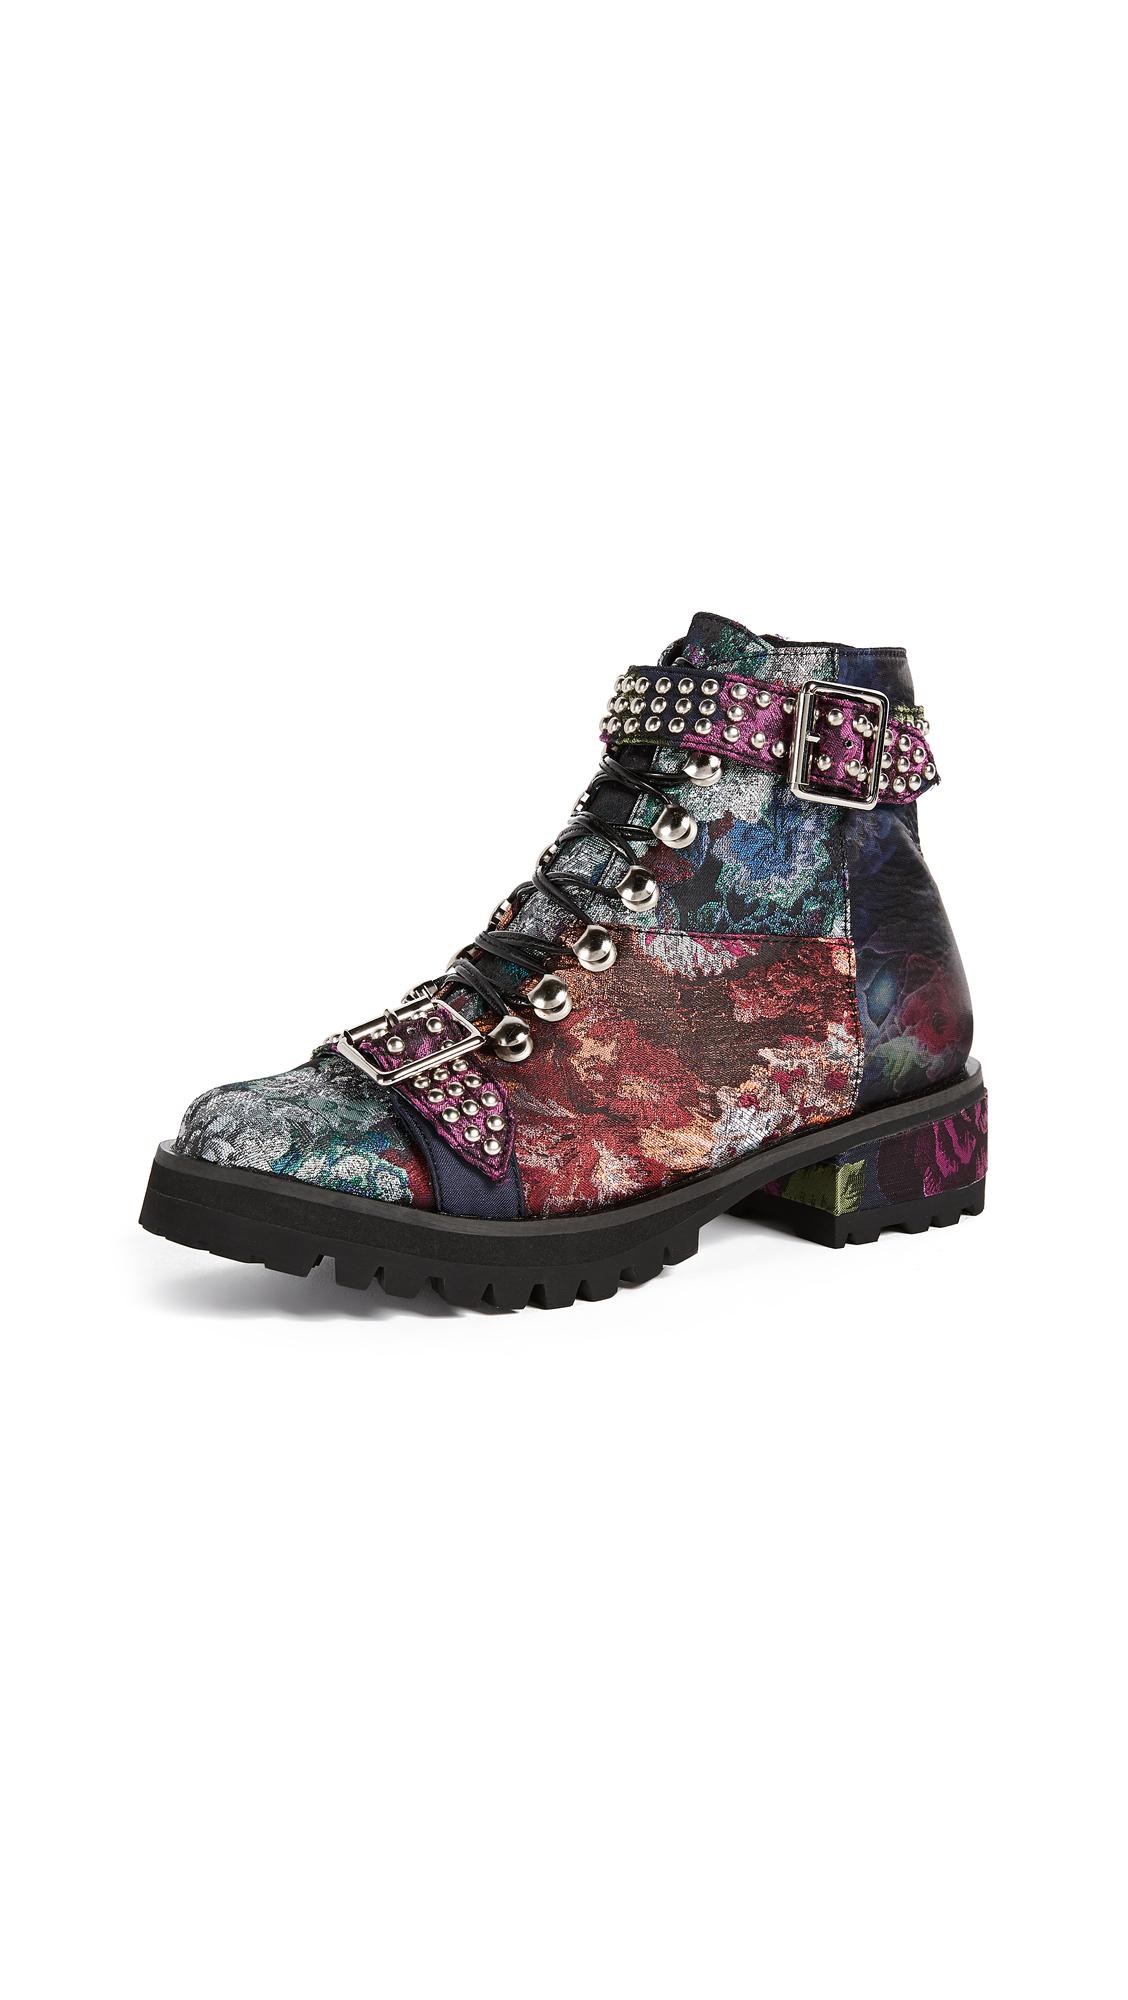 Jeffrey Campbell Yannick Floral Combat Boots - Multi